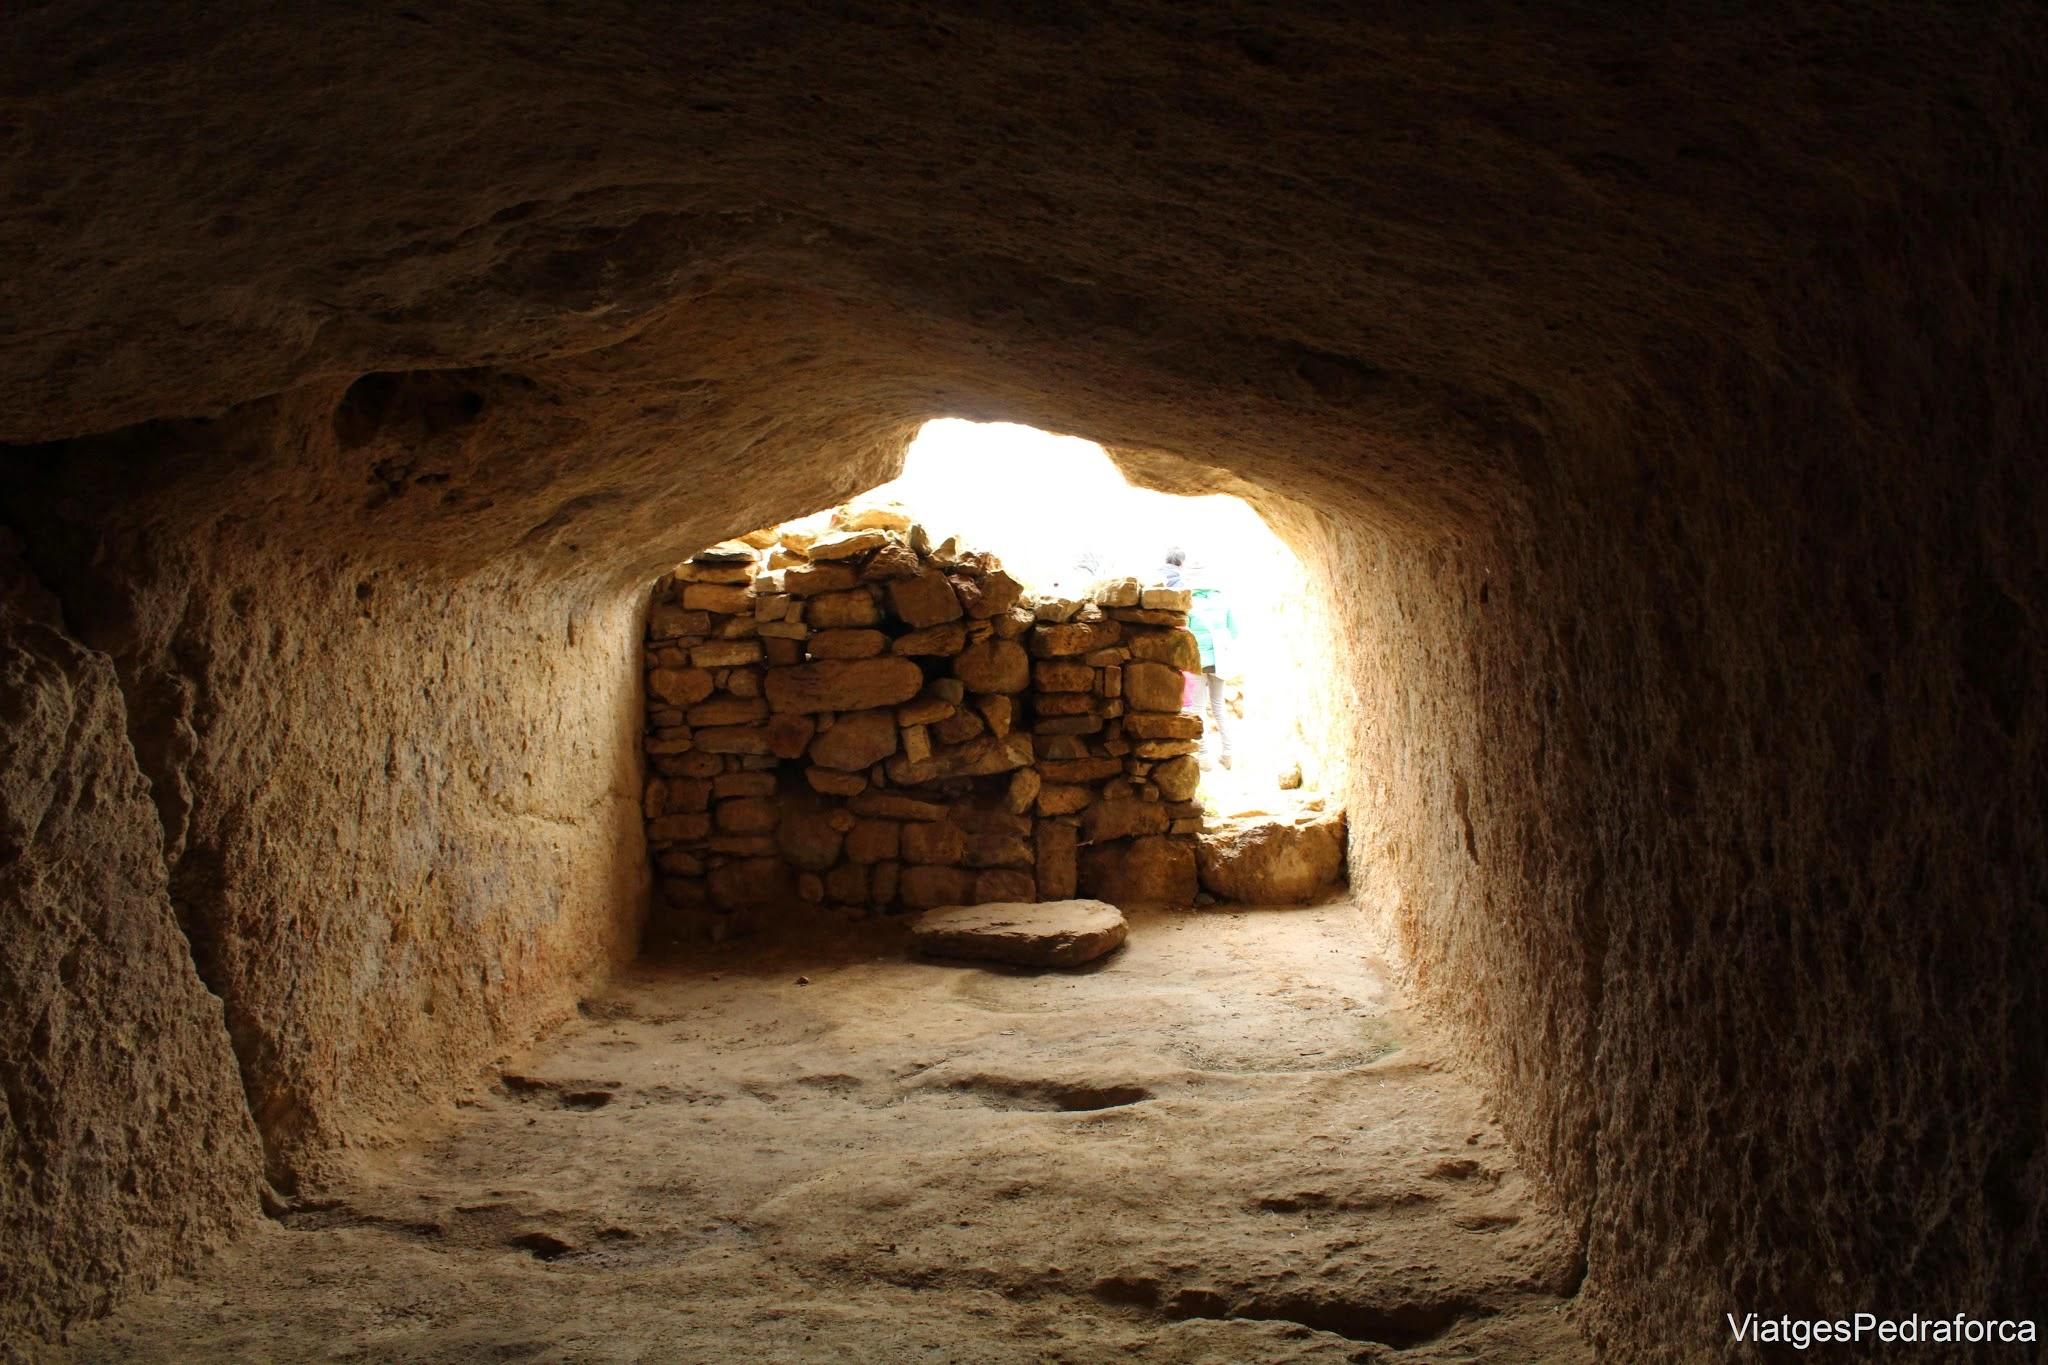 casa excava en la roca yacimiento celtibero de Contrebia Leucade La Rioja